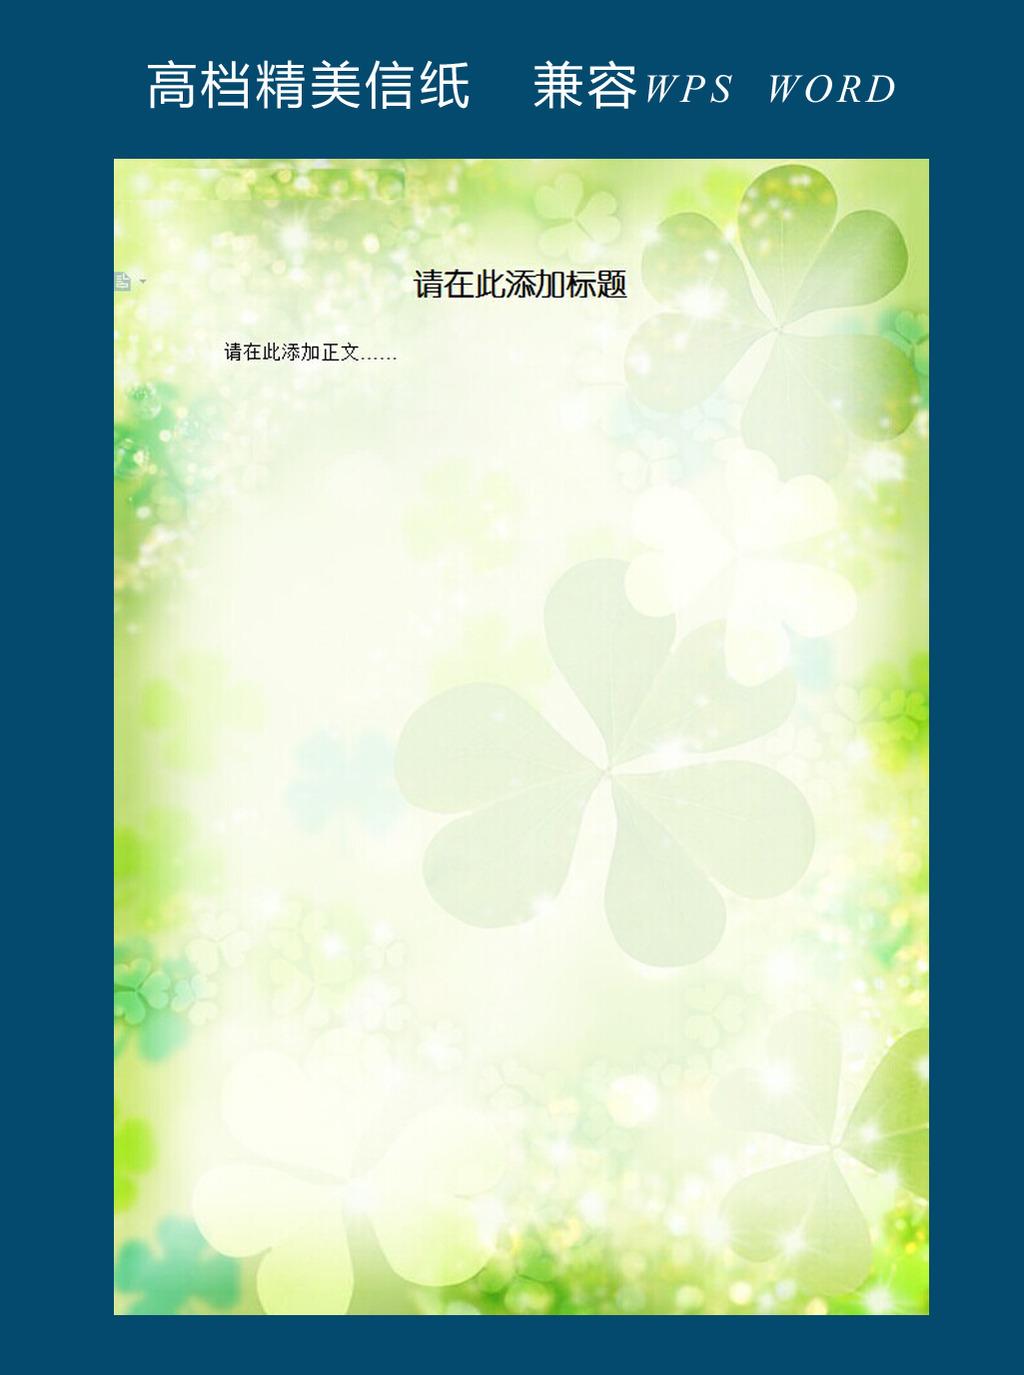 小清新word背景模板